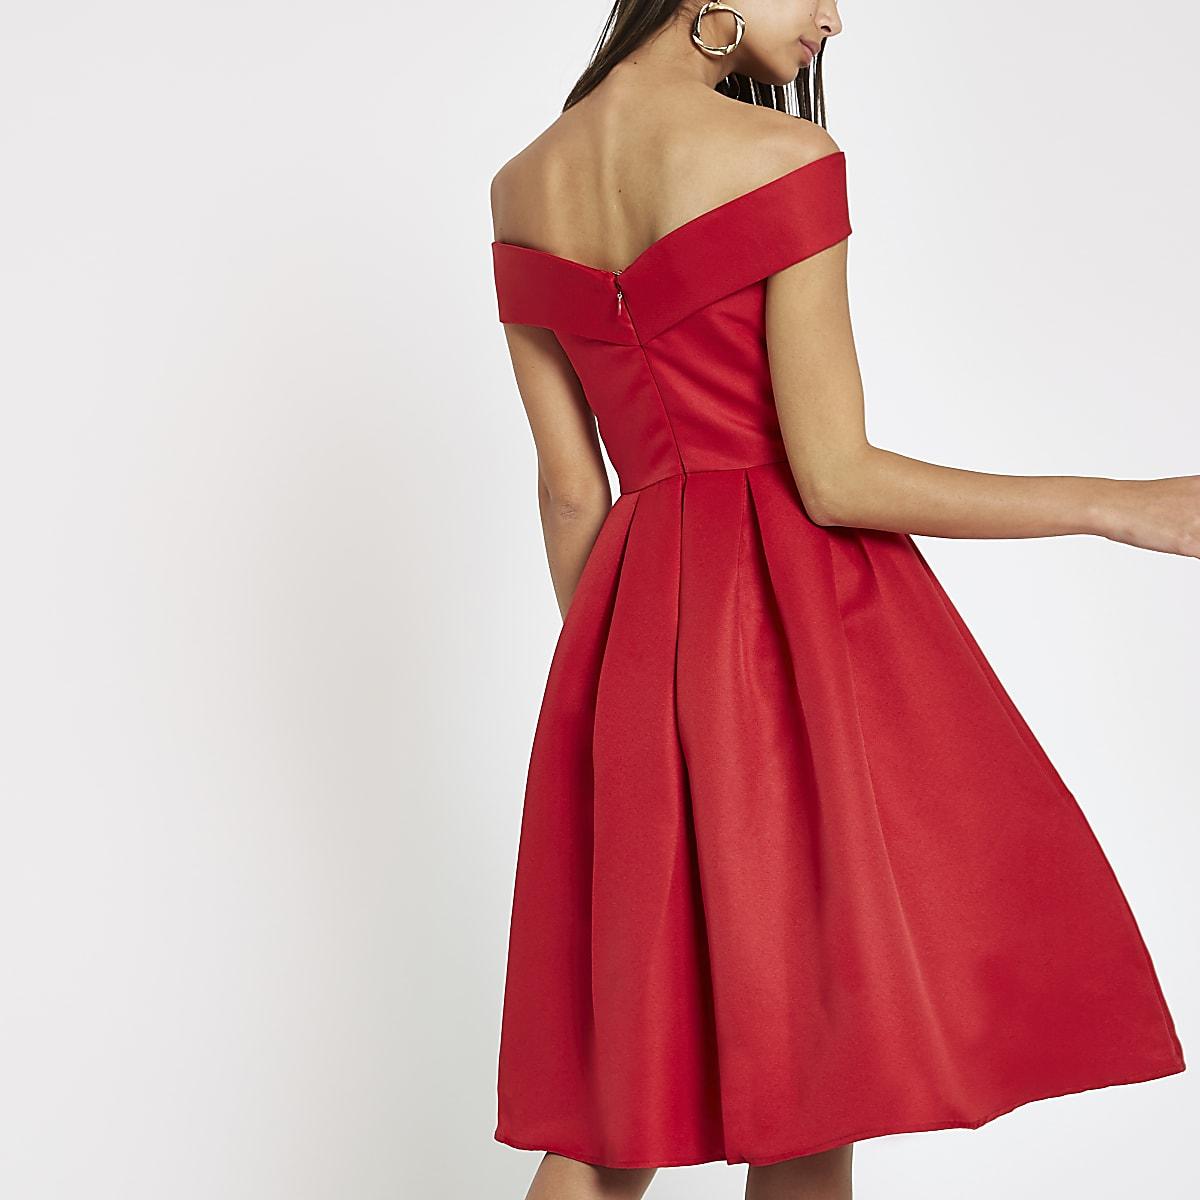 b2c46013fceb Chi Chi London red bardot neck prom dress